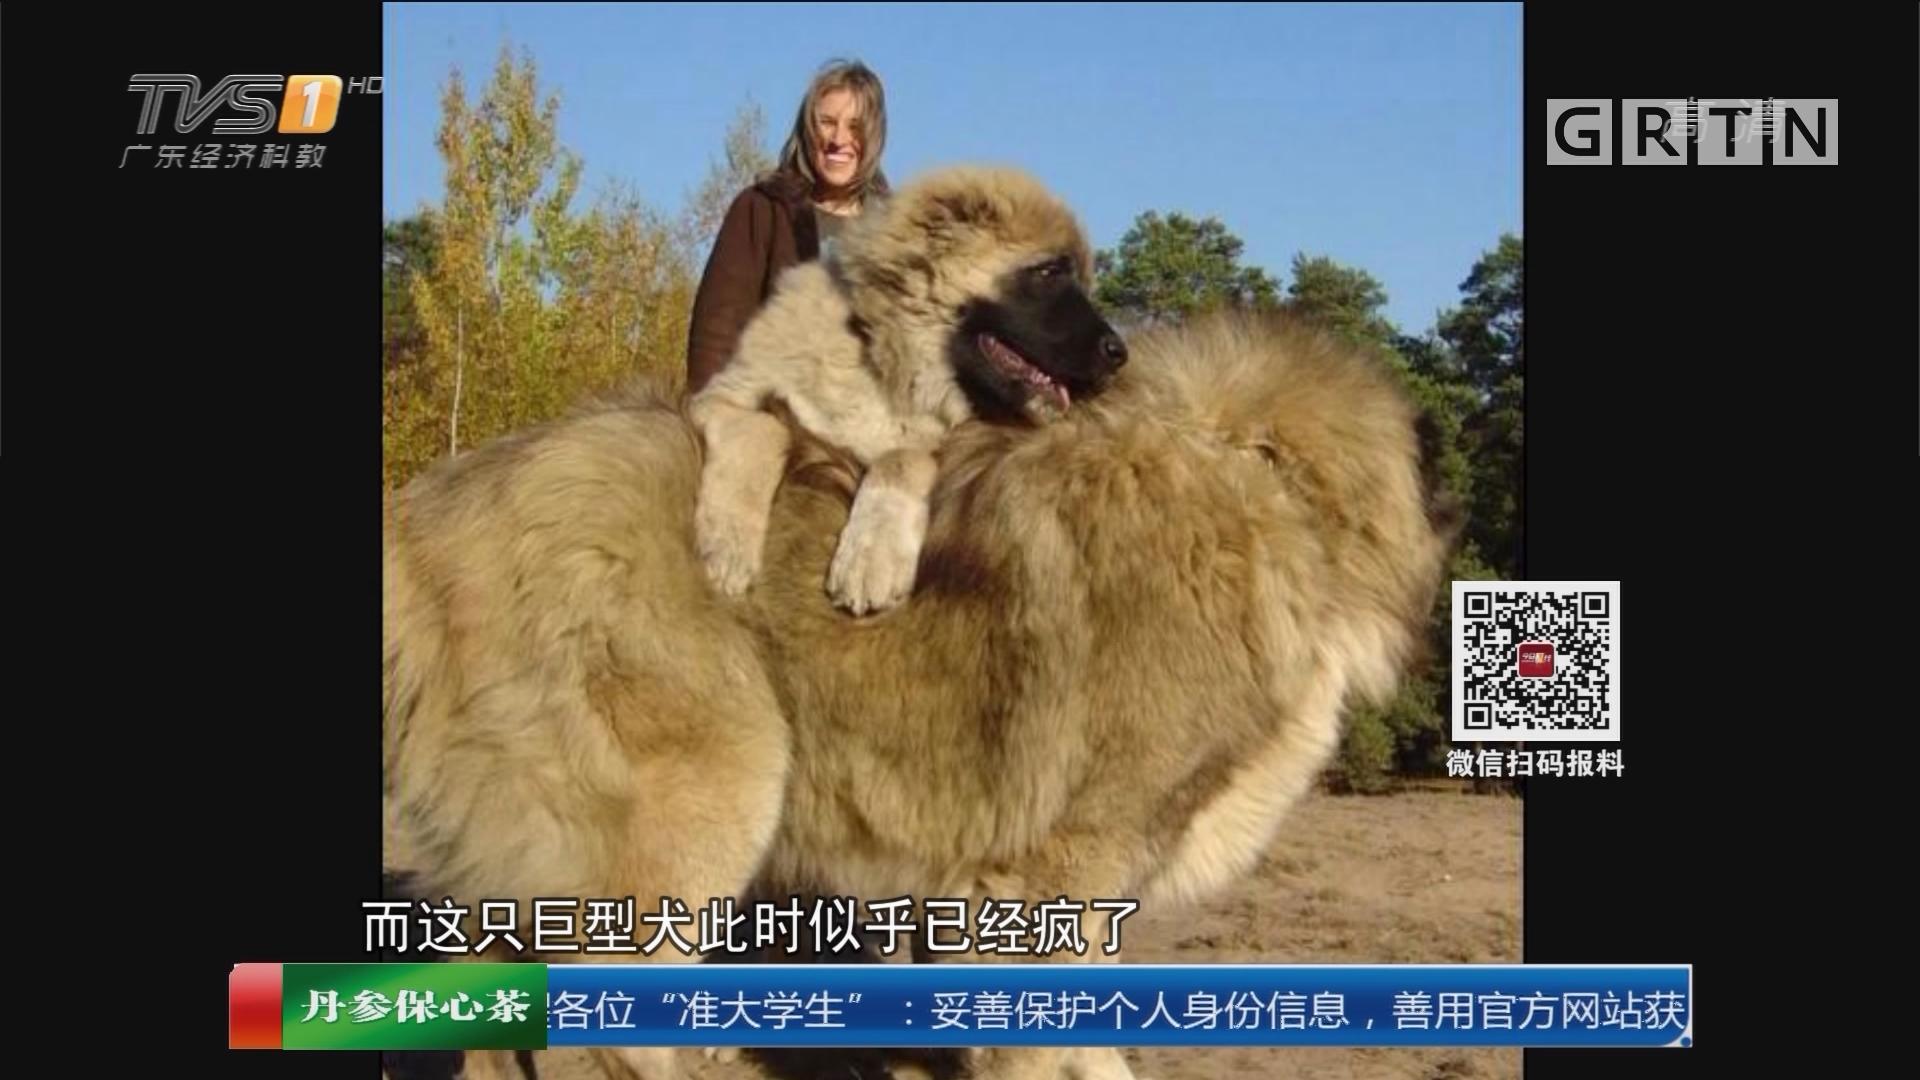 潮州饶平:巨型疯犬冲撞撕咬门窗 3街坊被困